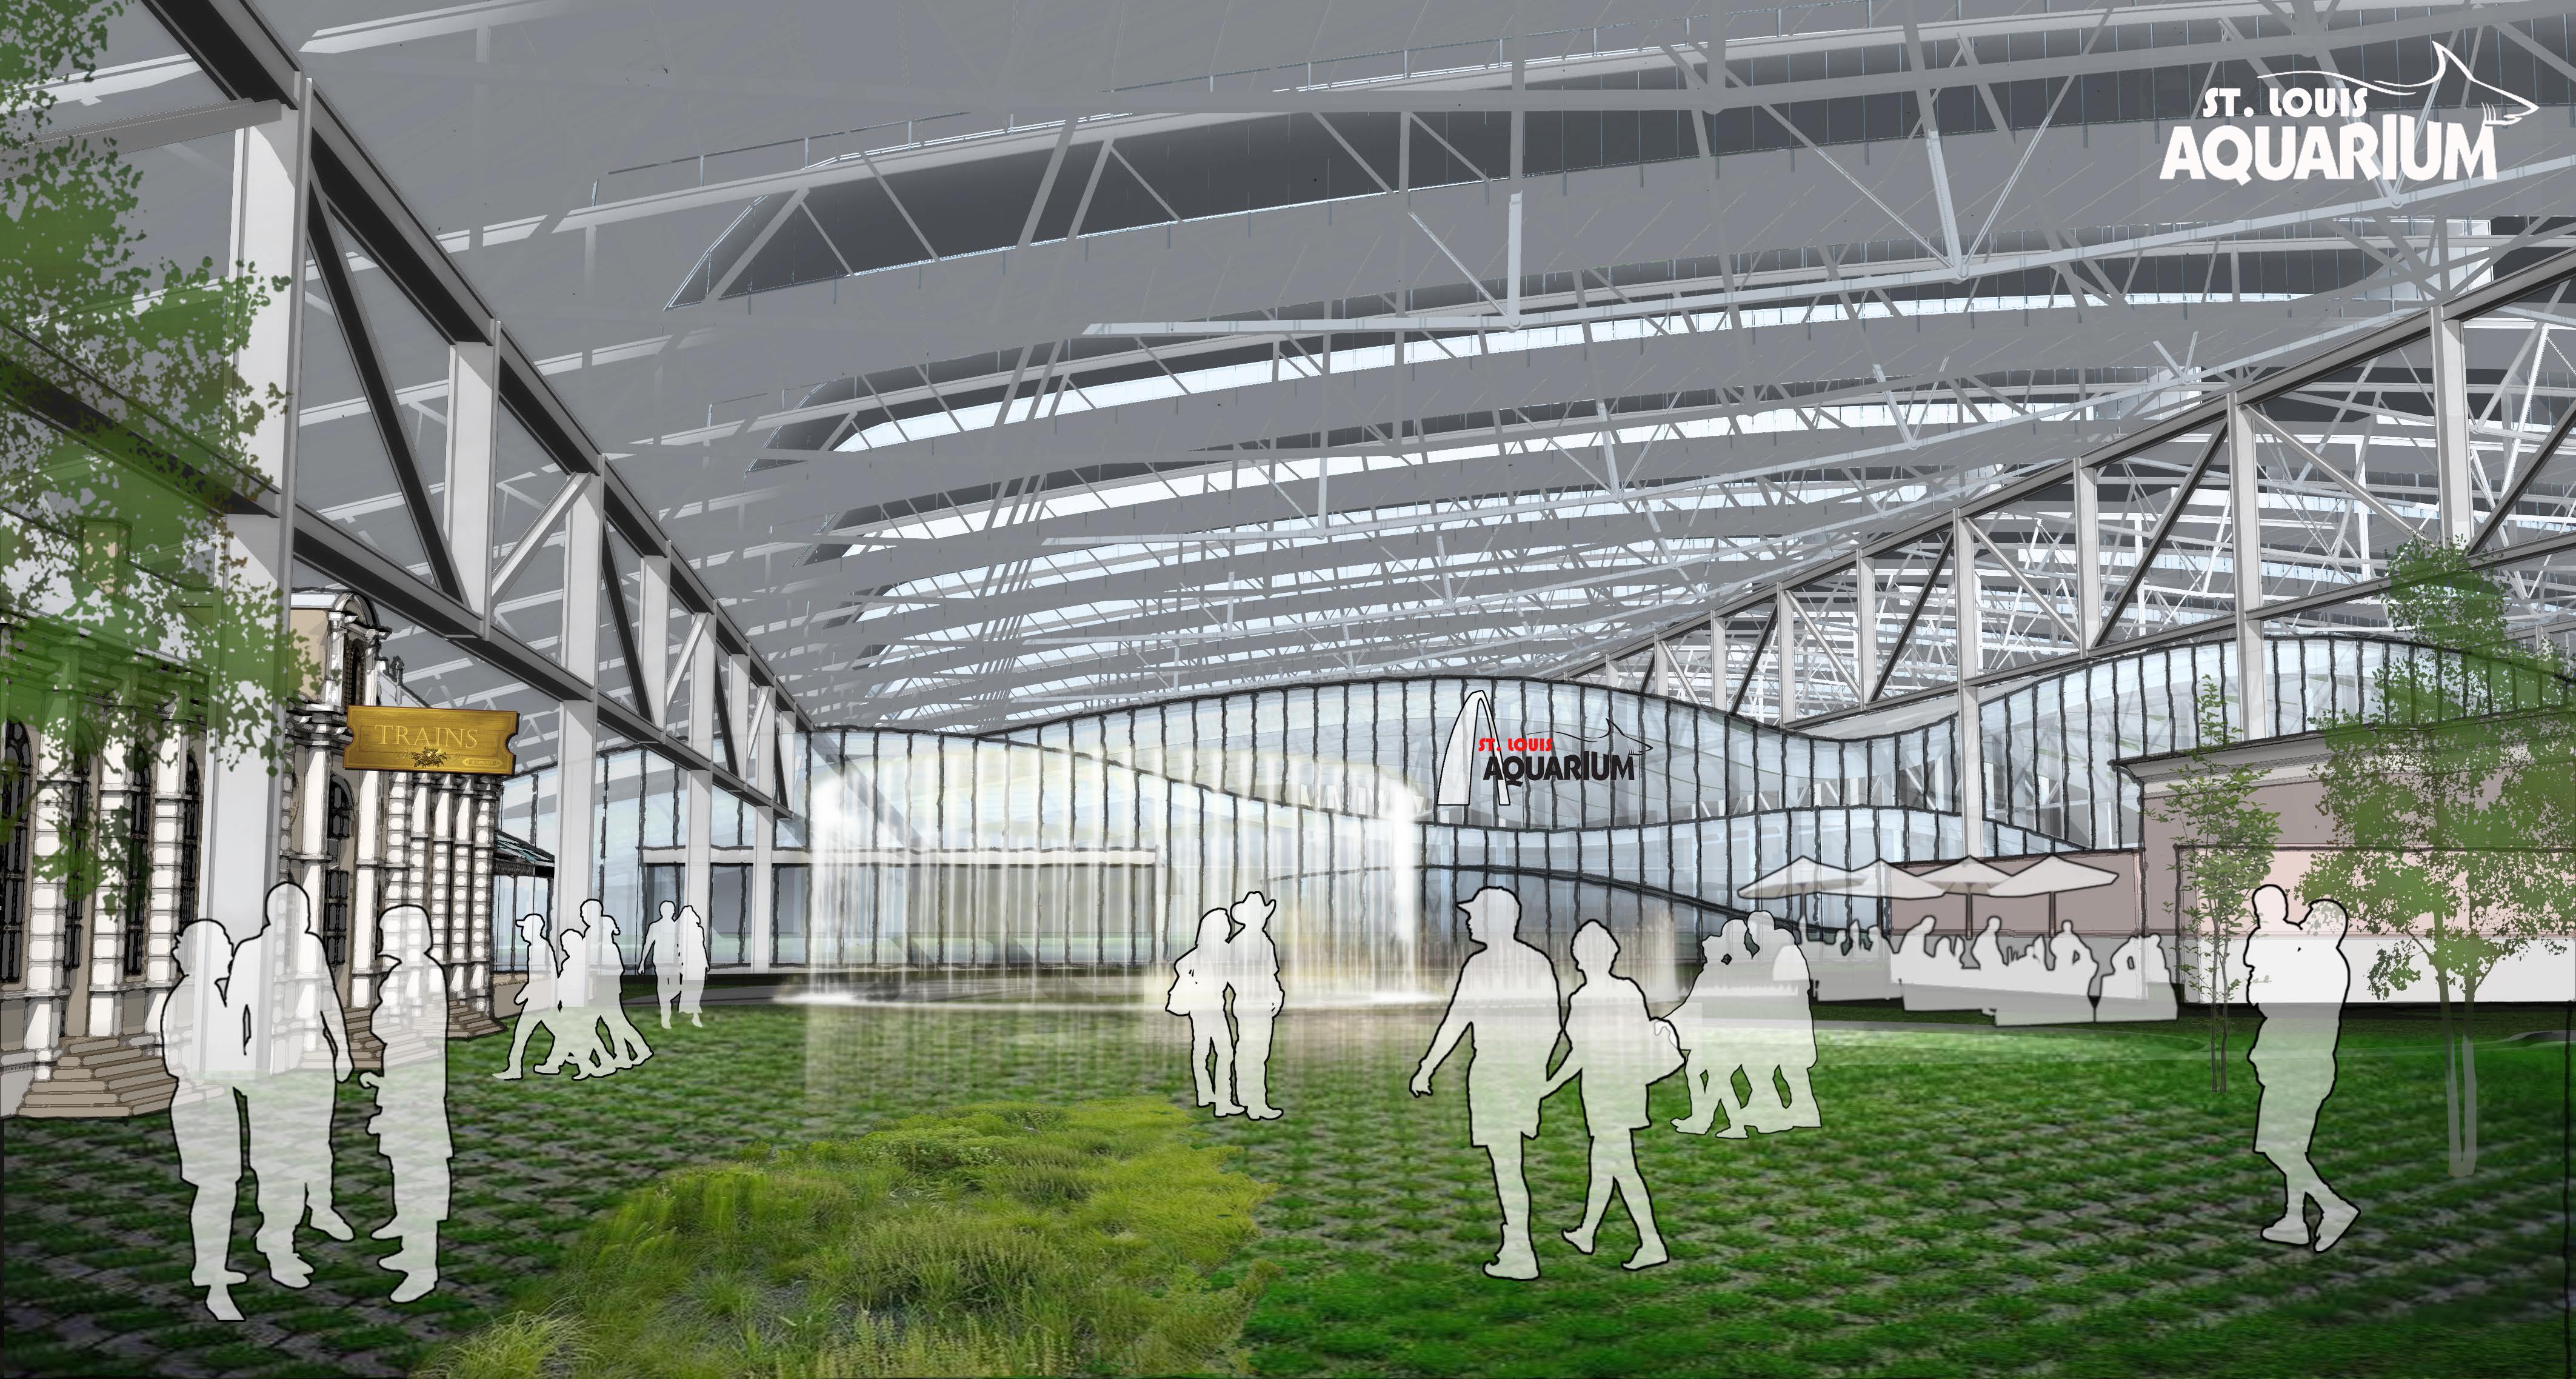 1M Gallon, $45M Aquarium Announced for St. Louis Union Station